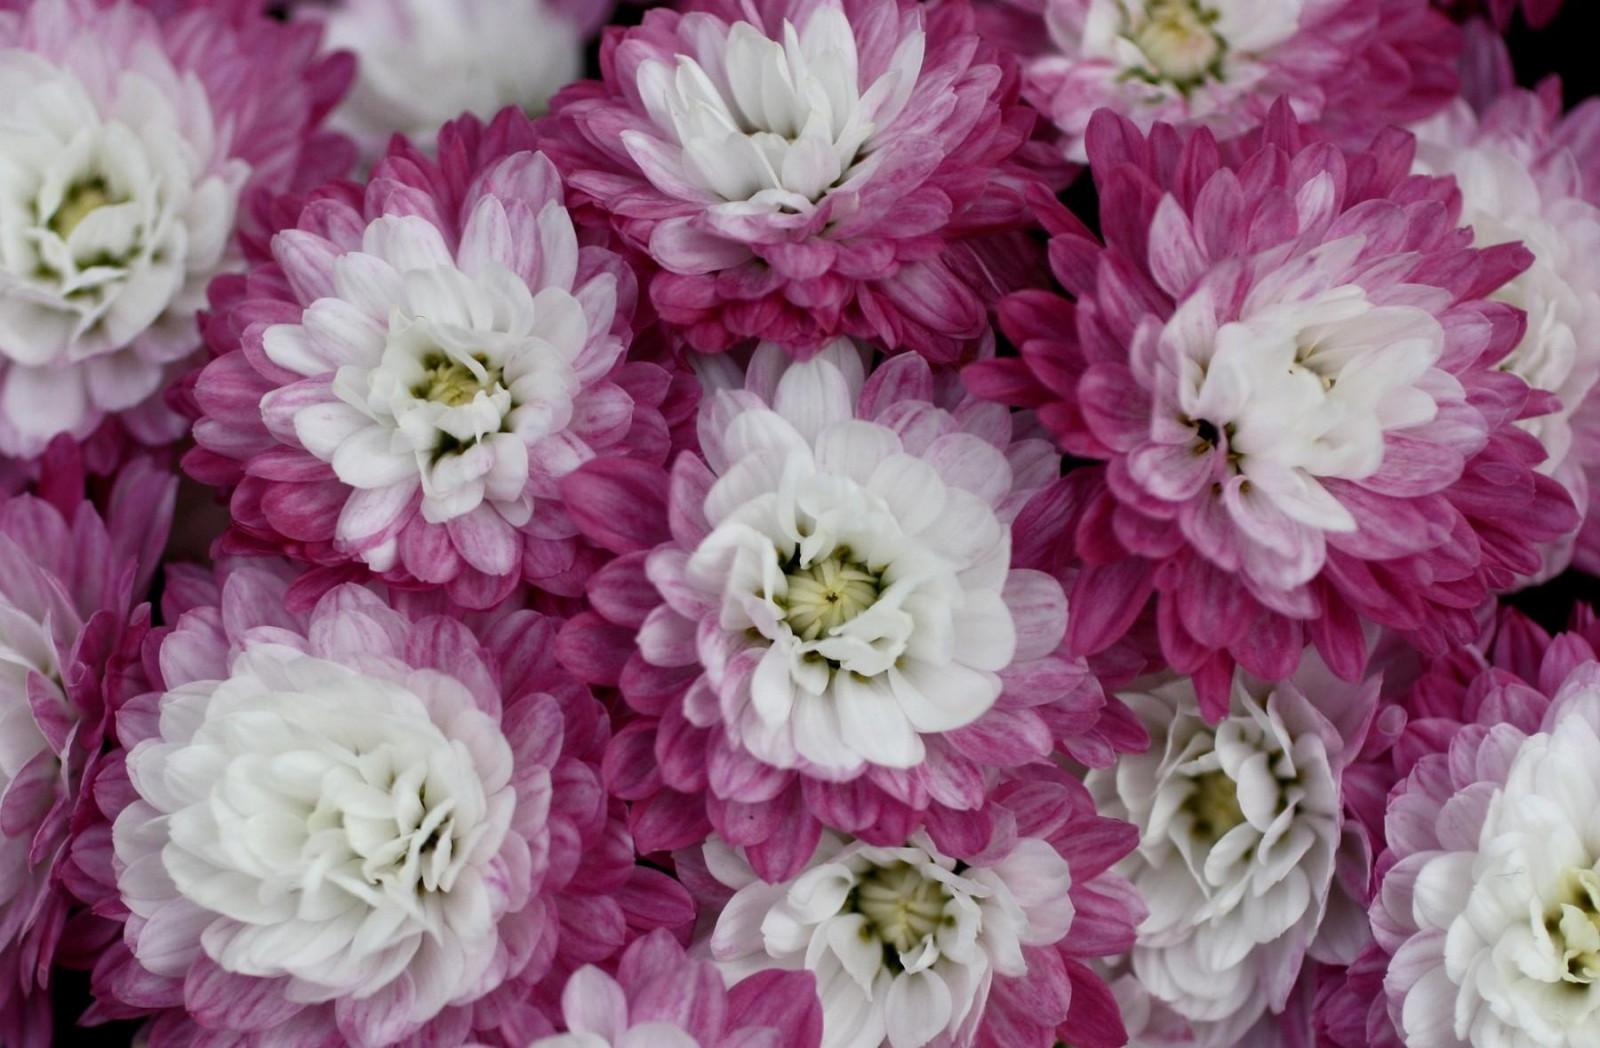 Картинки хризантемы в хорошем качестве